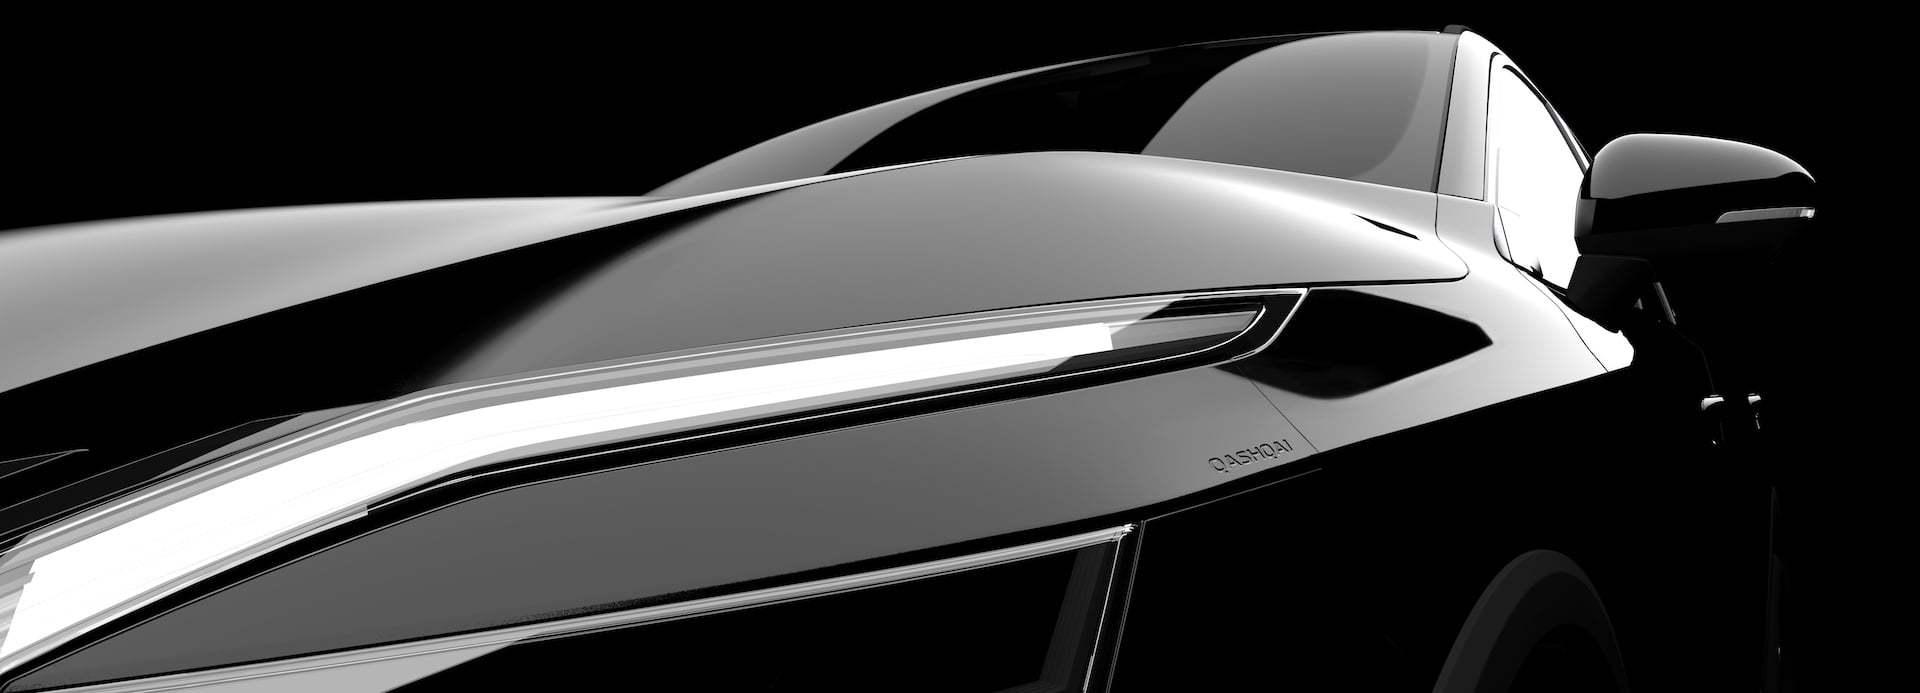 Nissan-Qashqai-Elektro-E-Power-Design